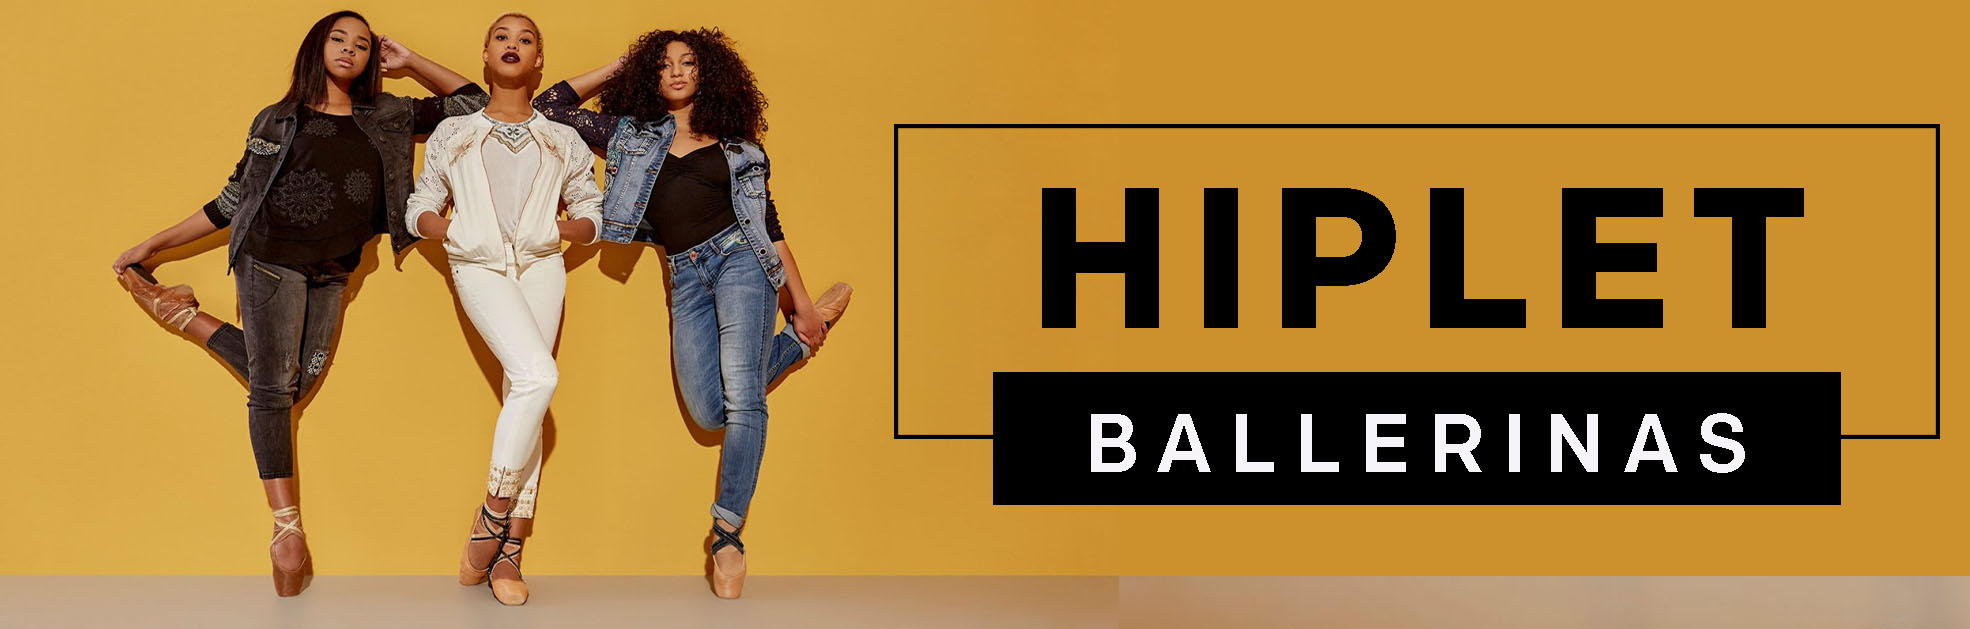 Hiplet Ballerina Company